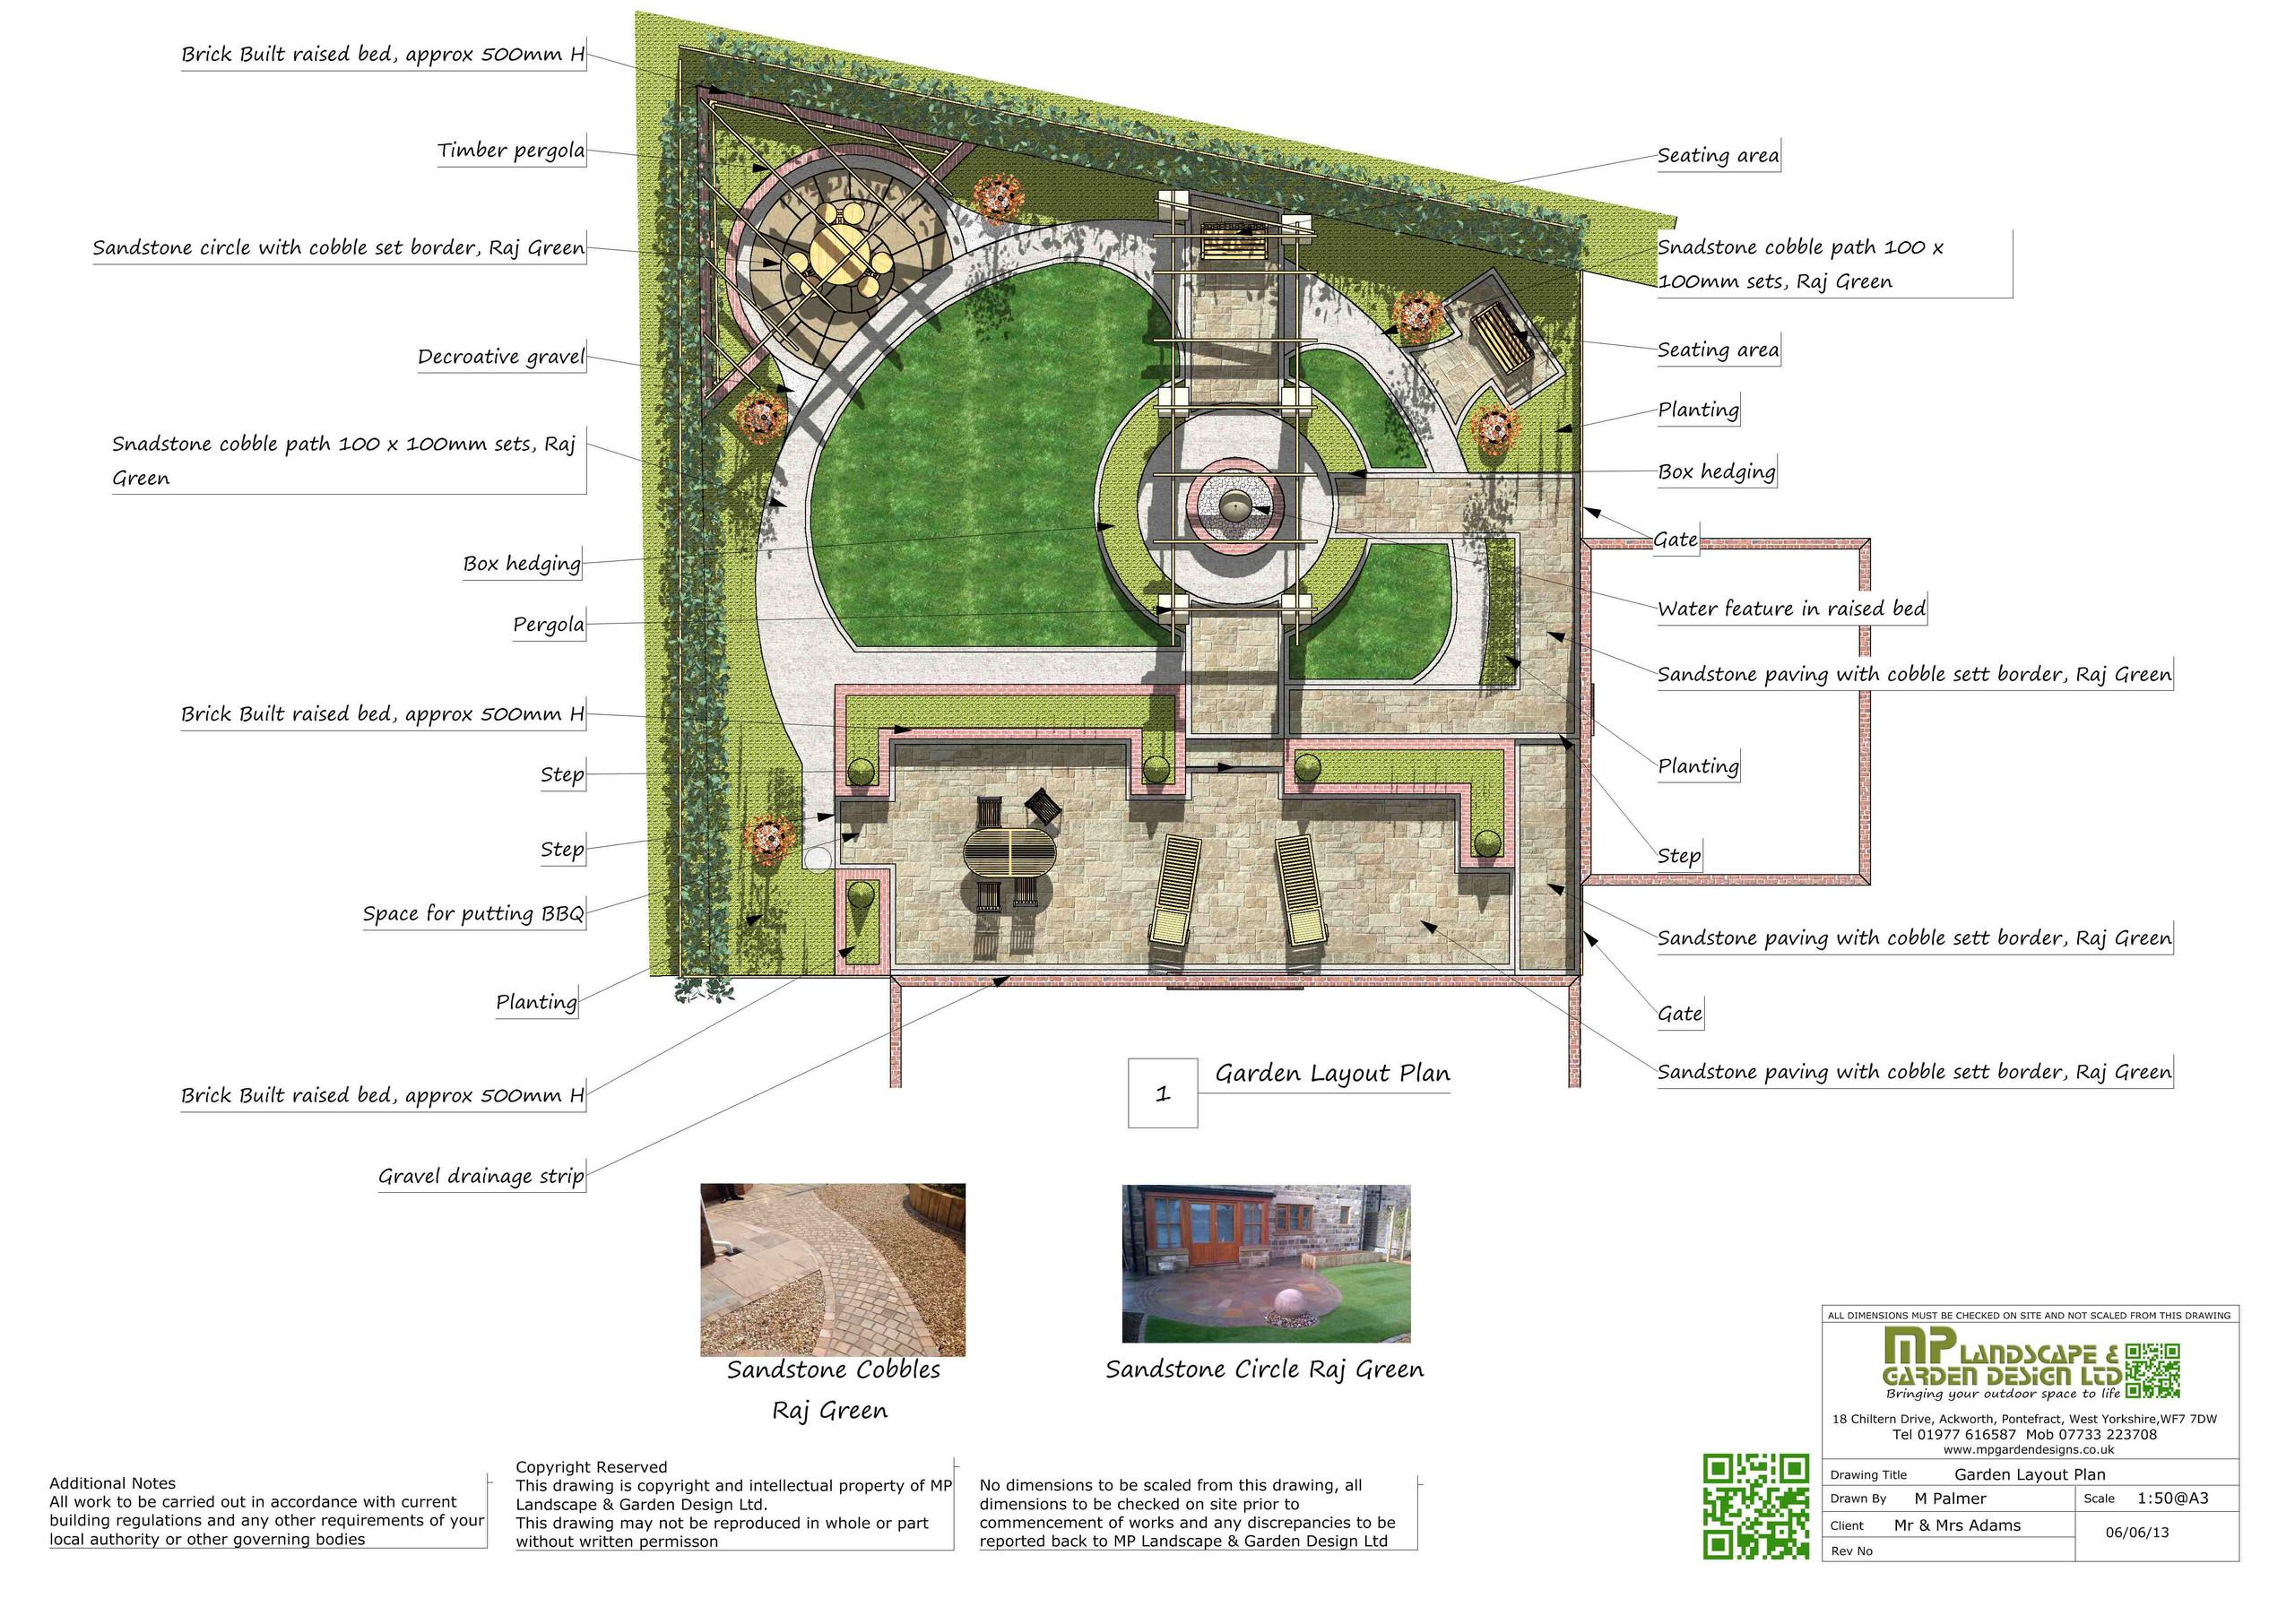 Garden Design layout plans for a garden in Wakefield